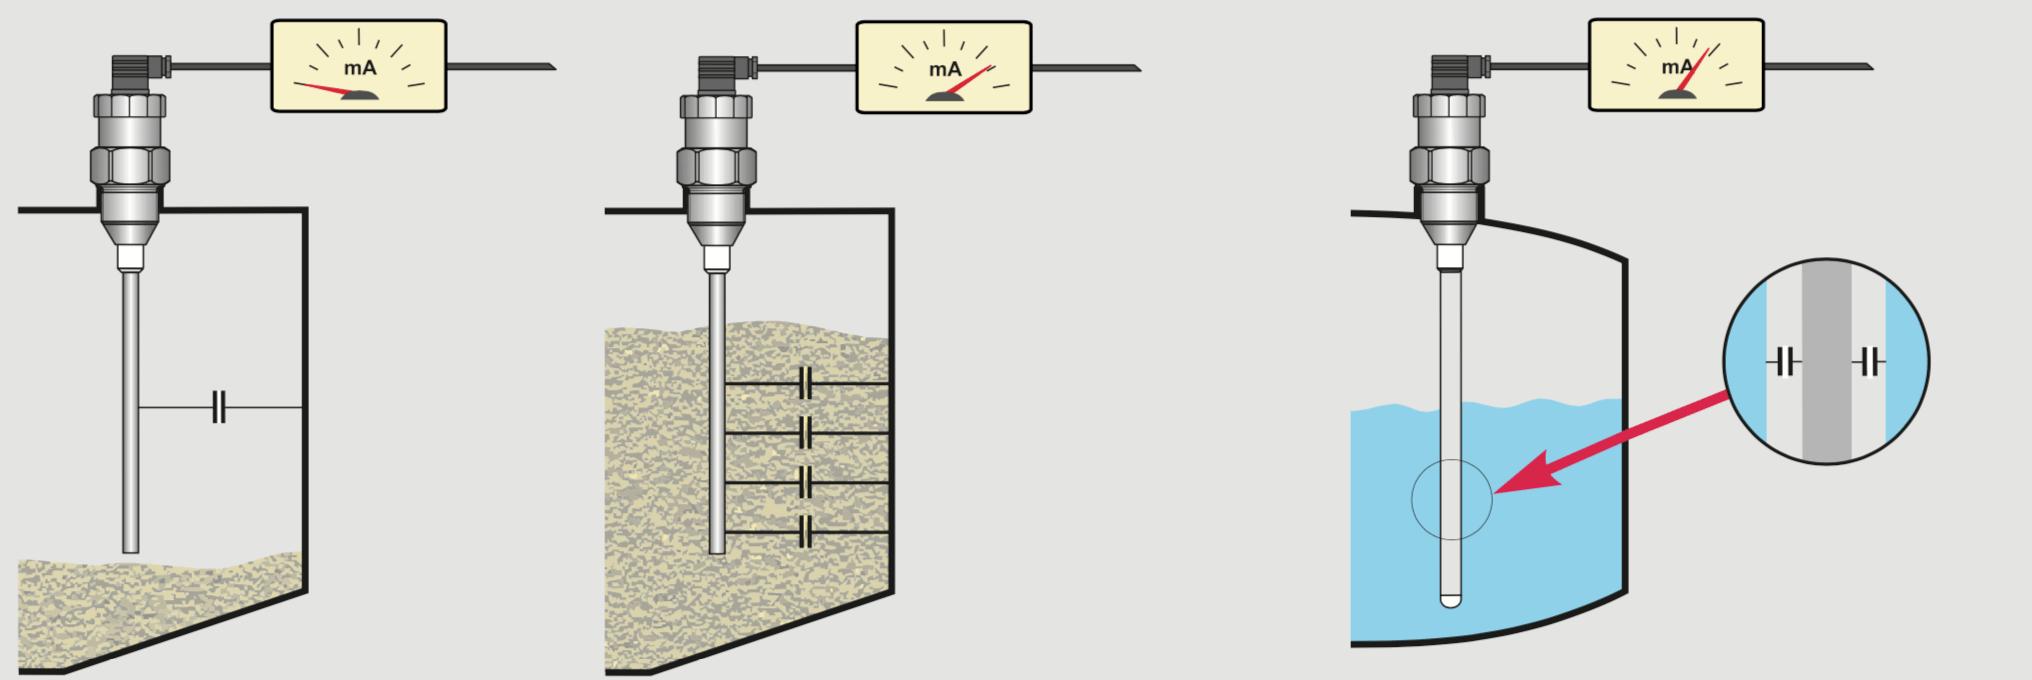 cảm biến đo mức nước điện dung